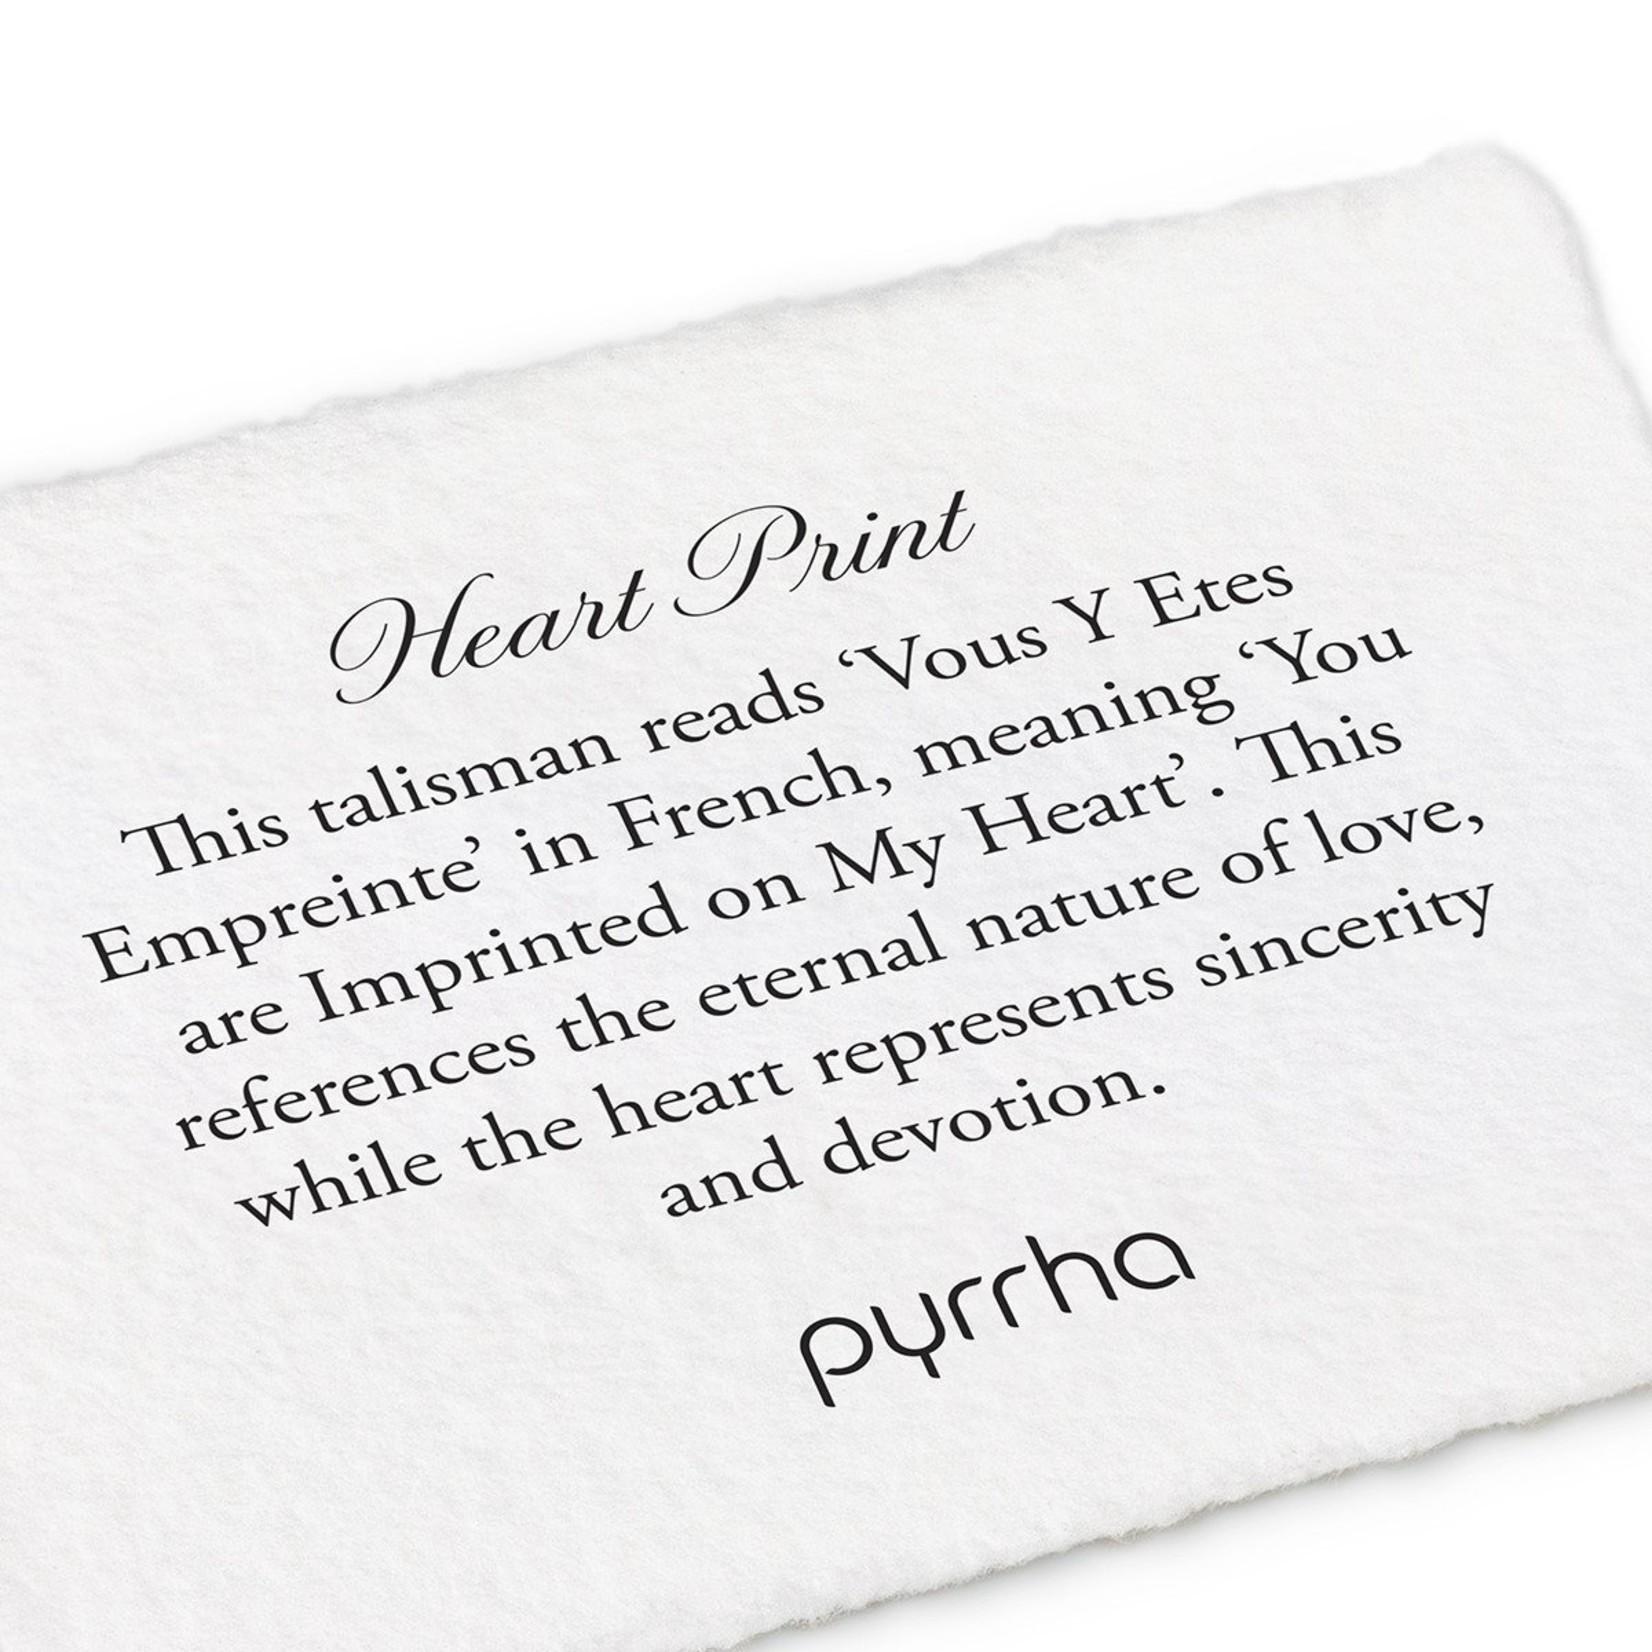 Pyrrha Heart Print Talisman Clasp Bracelet